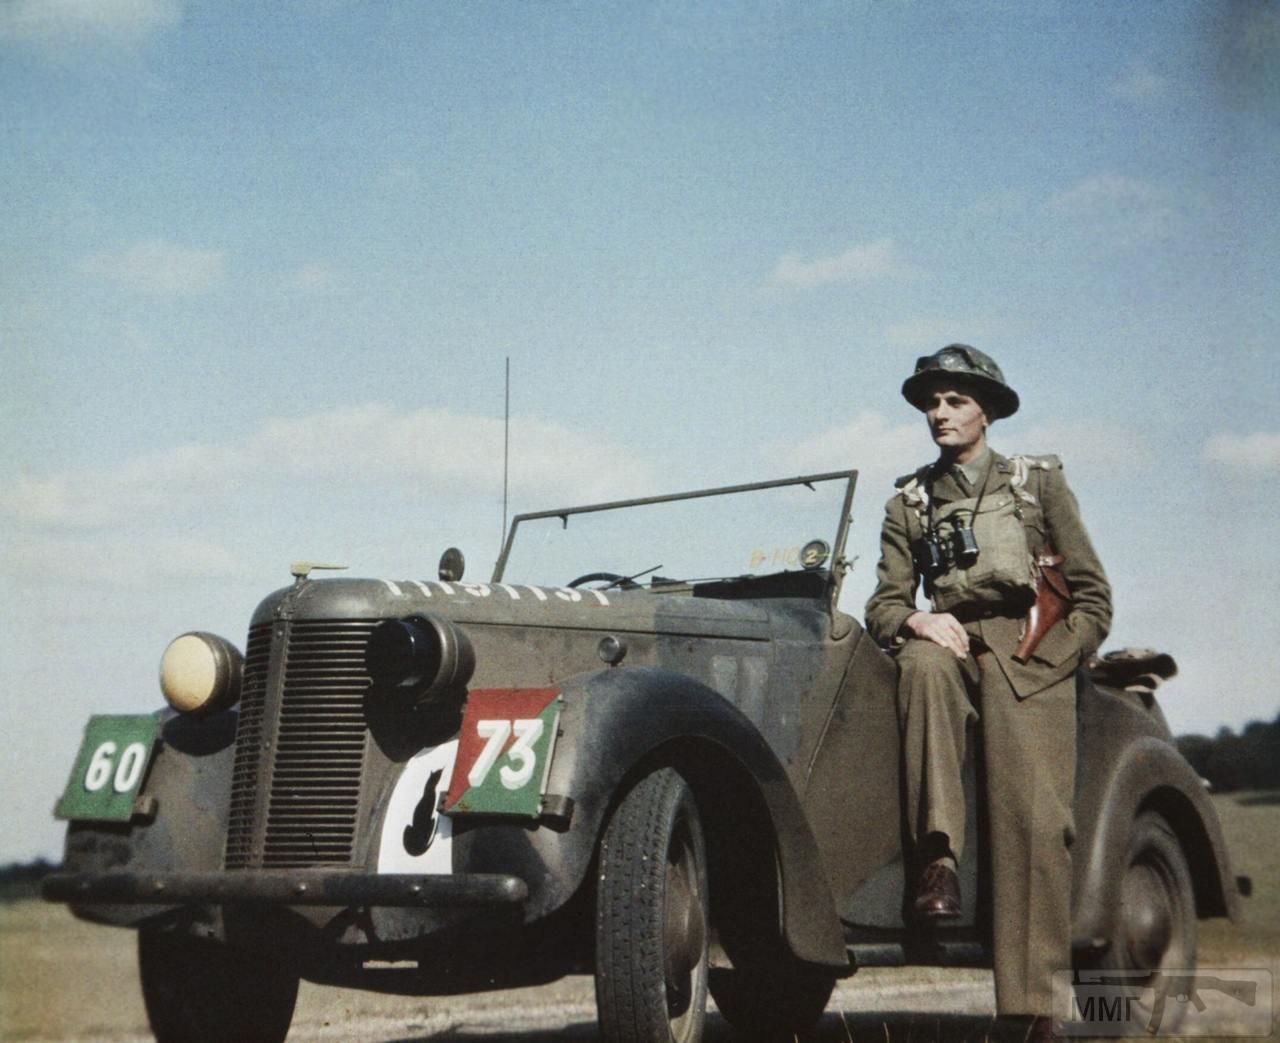 102781 - Военное фото 1939-1945 г.г. Западный фронт и Африка.